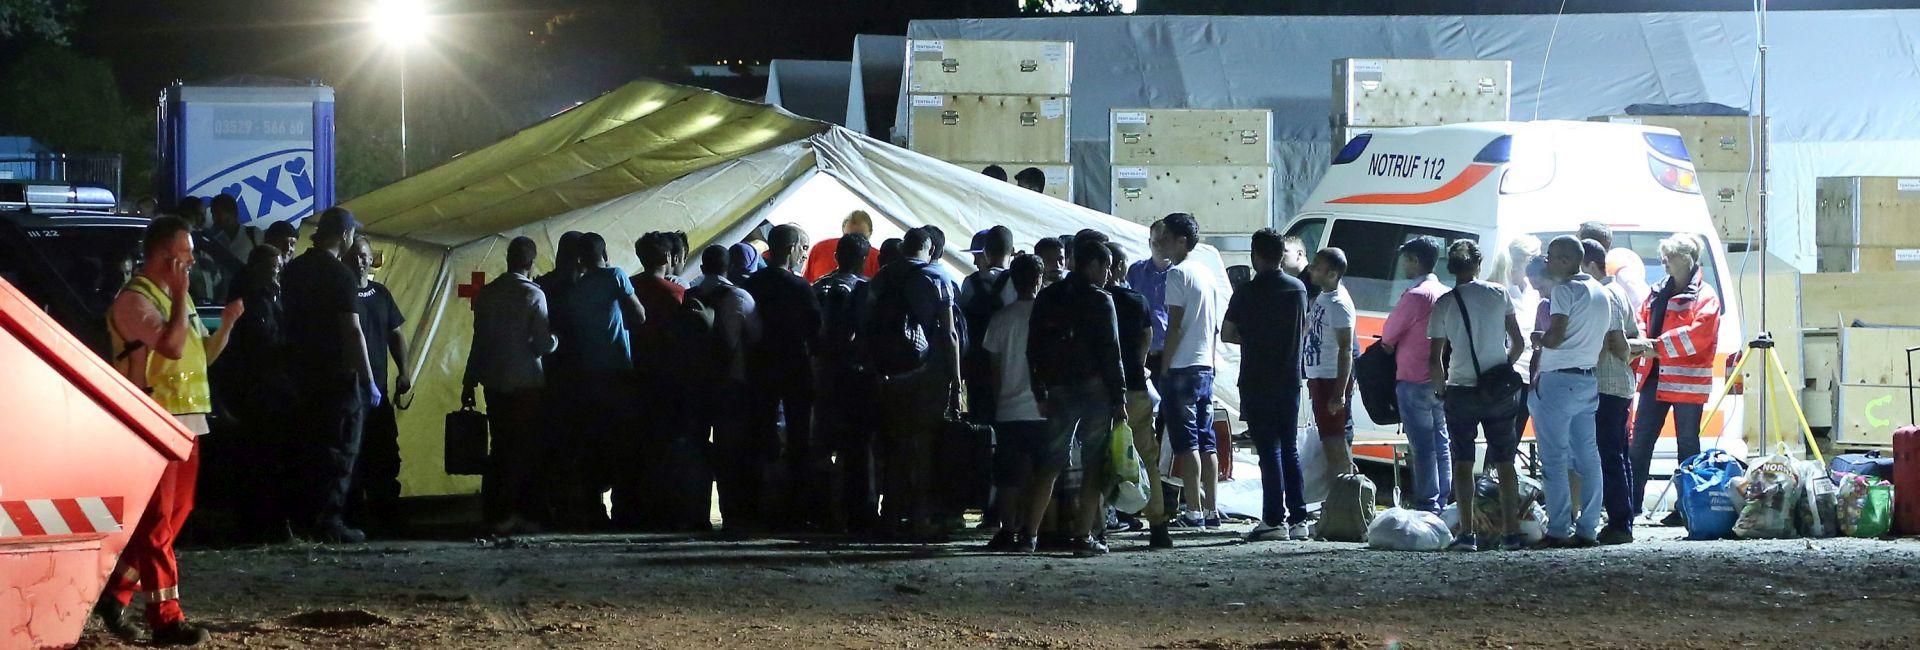 NJEMAČKA:  Pet ljudi ozlijeđeno u požaru u izbjegličkom skloništu